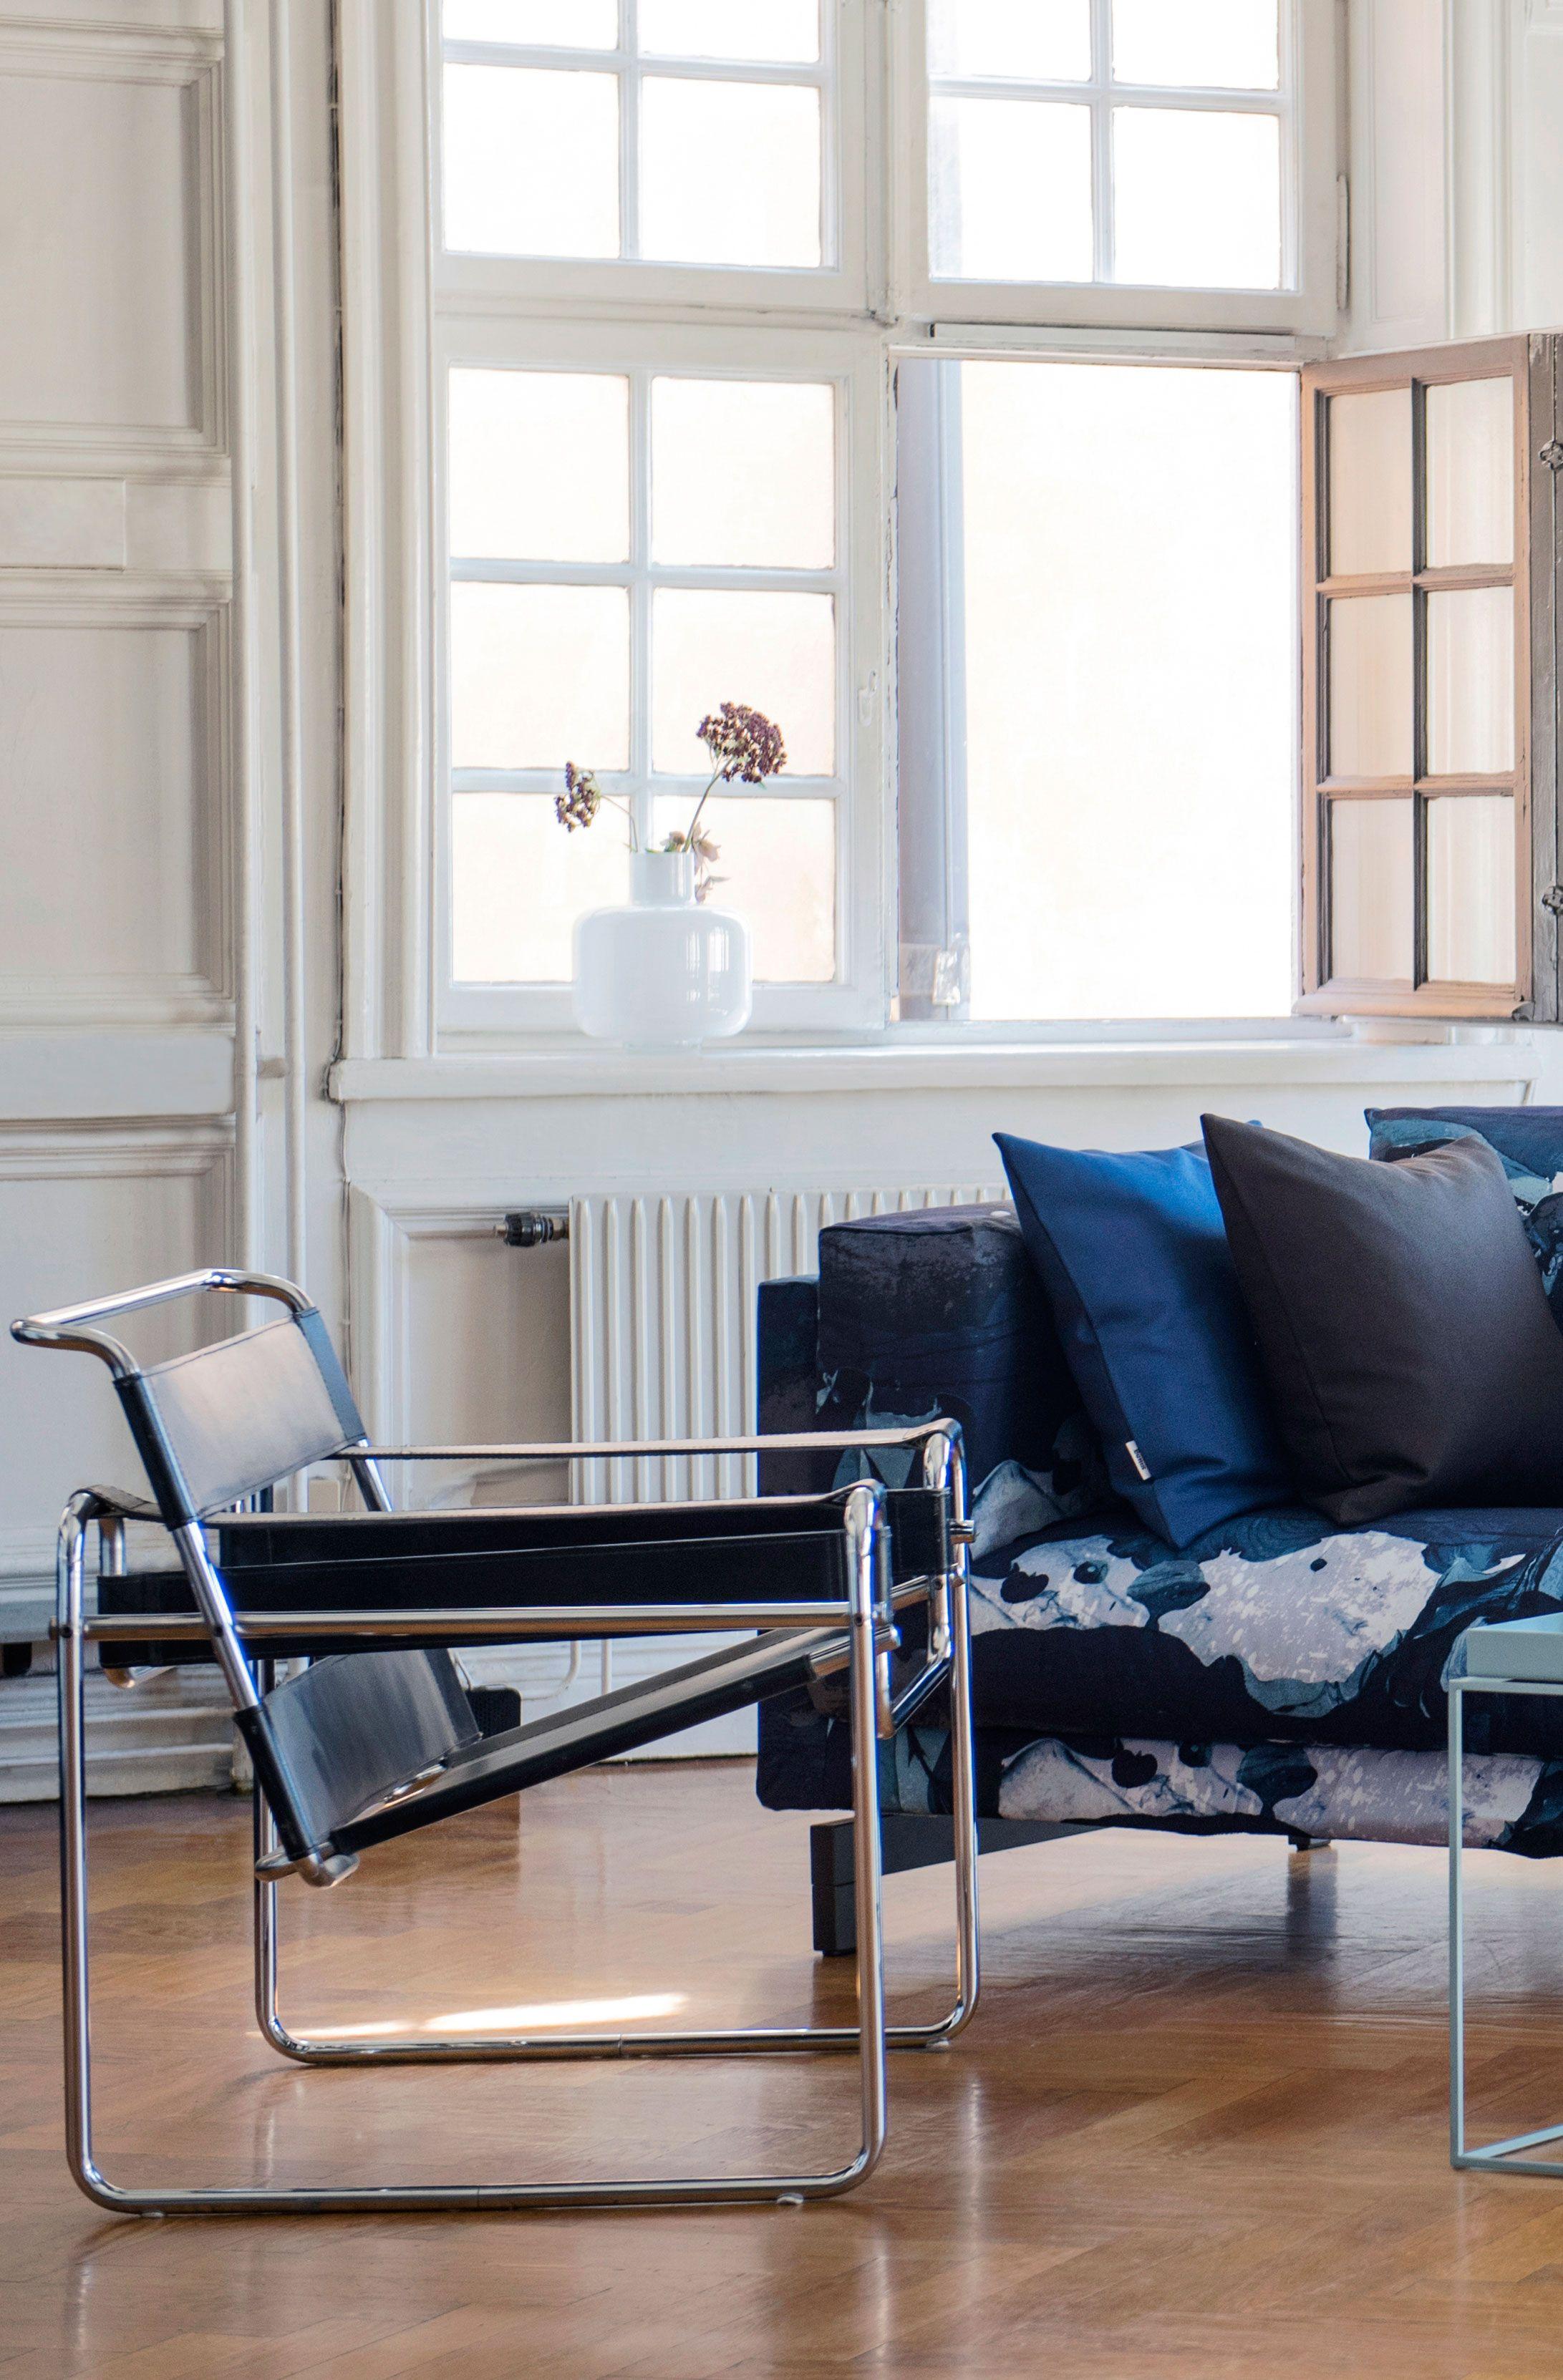 Retro IKEA Nockby in Bemz slipcover in För att Himlen är